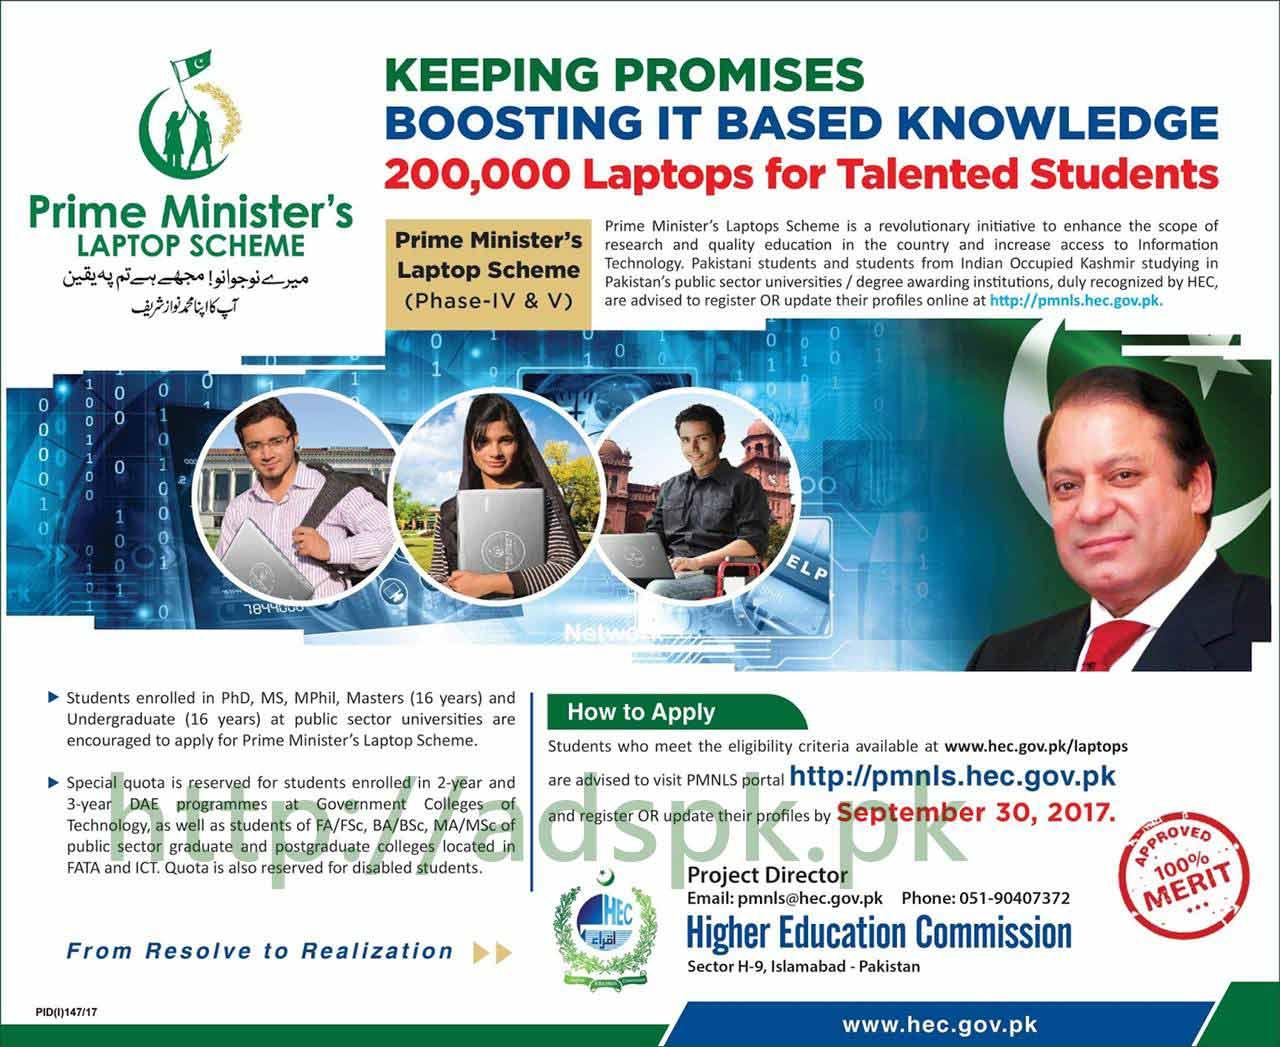 Prime Minister's National PMNLS Laptop Scheme Updates Phase-IV Phase-V 2017-18 Application Form Registration Deadline 30-09-2017 Complete Online Procedure Details Apply Online Now